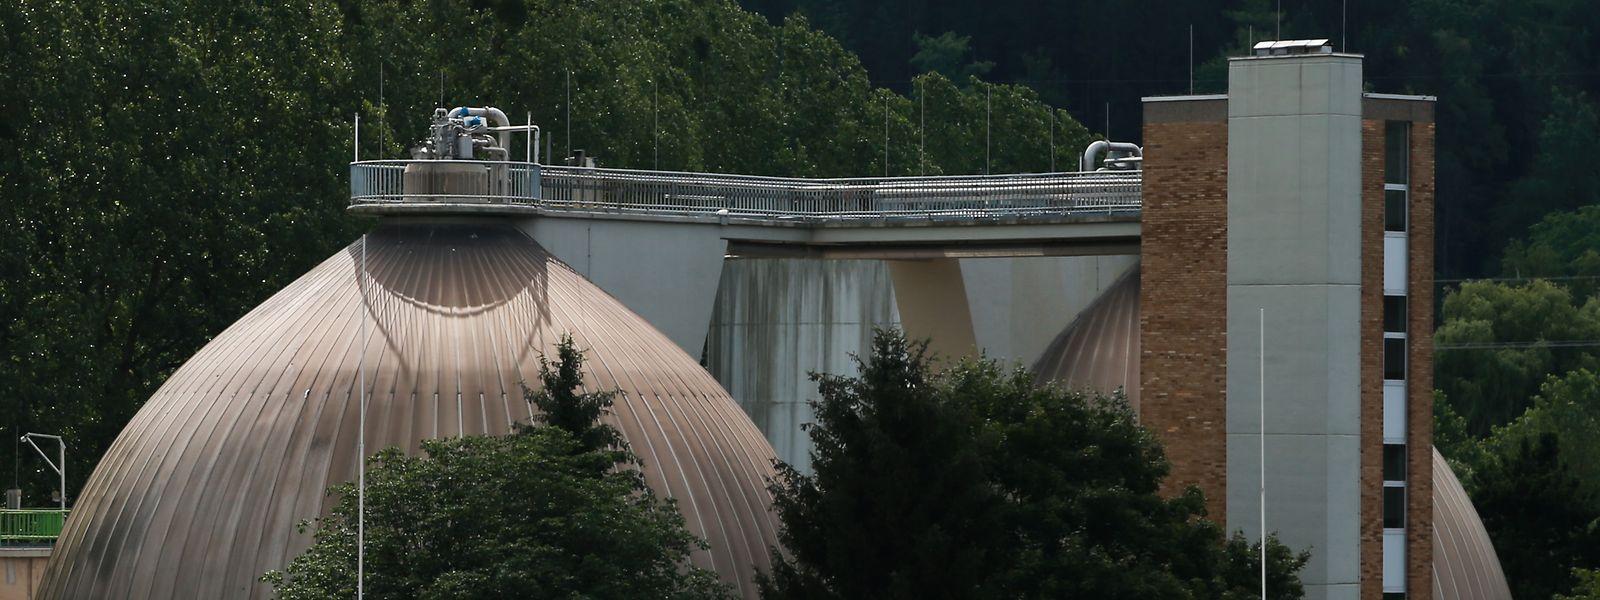 Die Kläranlage in Beggen nimmt die Abwässer von mehr als 200.000 Einwohnern auf.